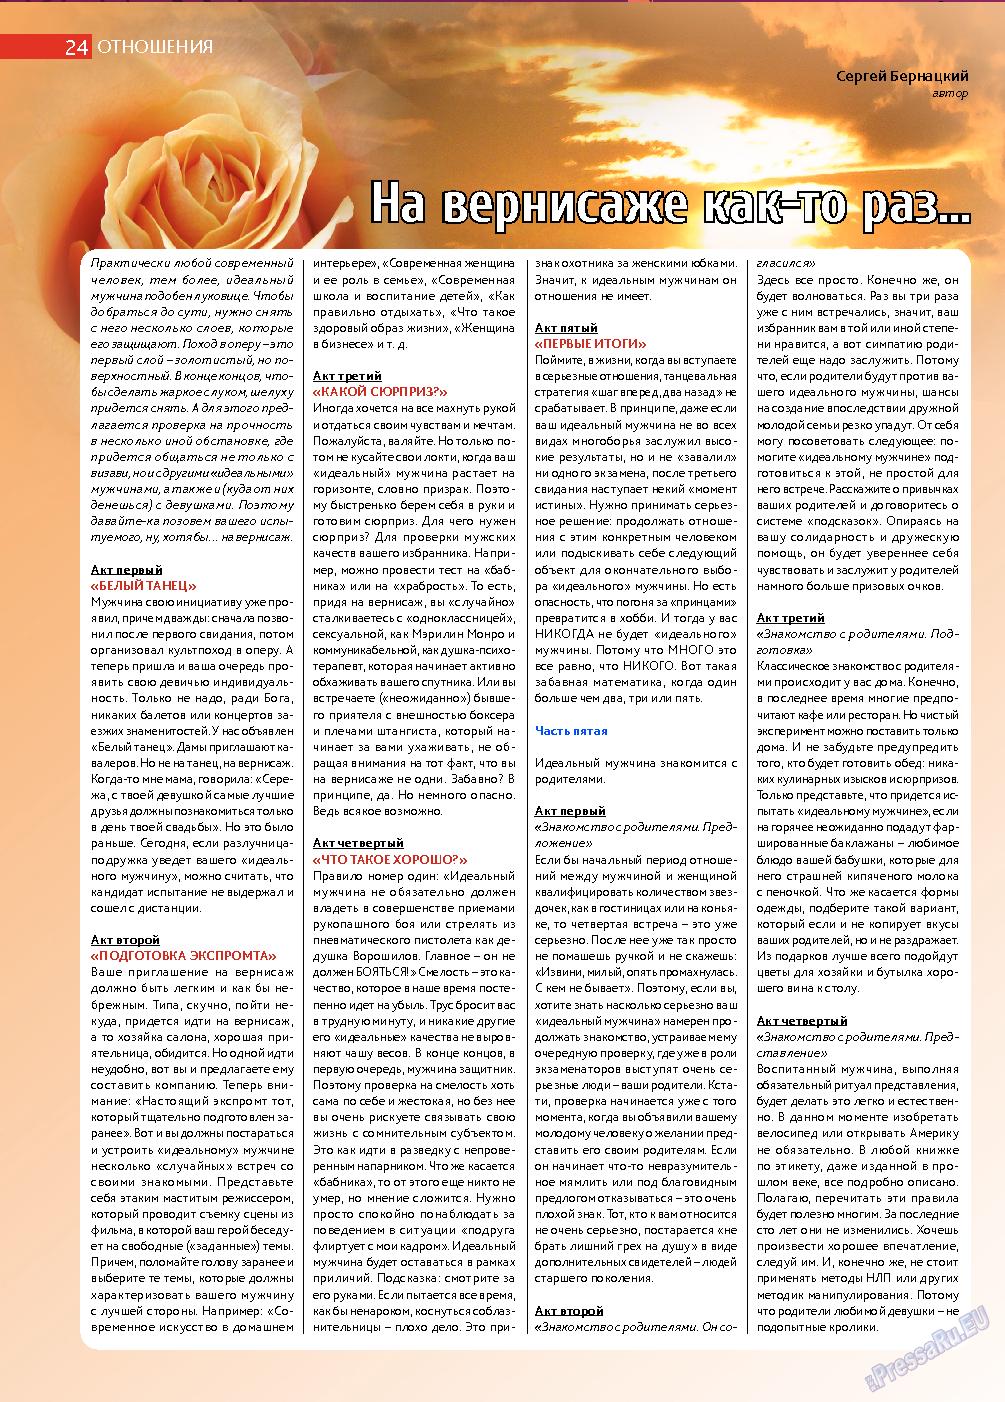 Афиша Augsburg (журнал). 2013 год, номер 10, стр. 24